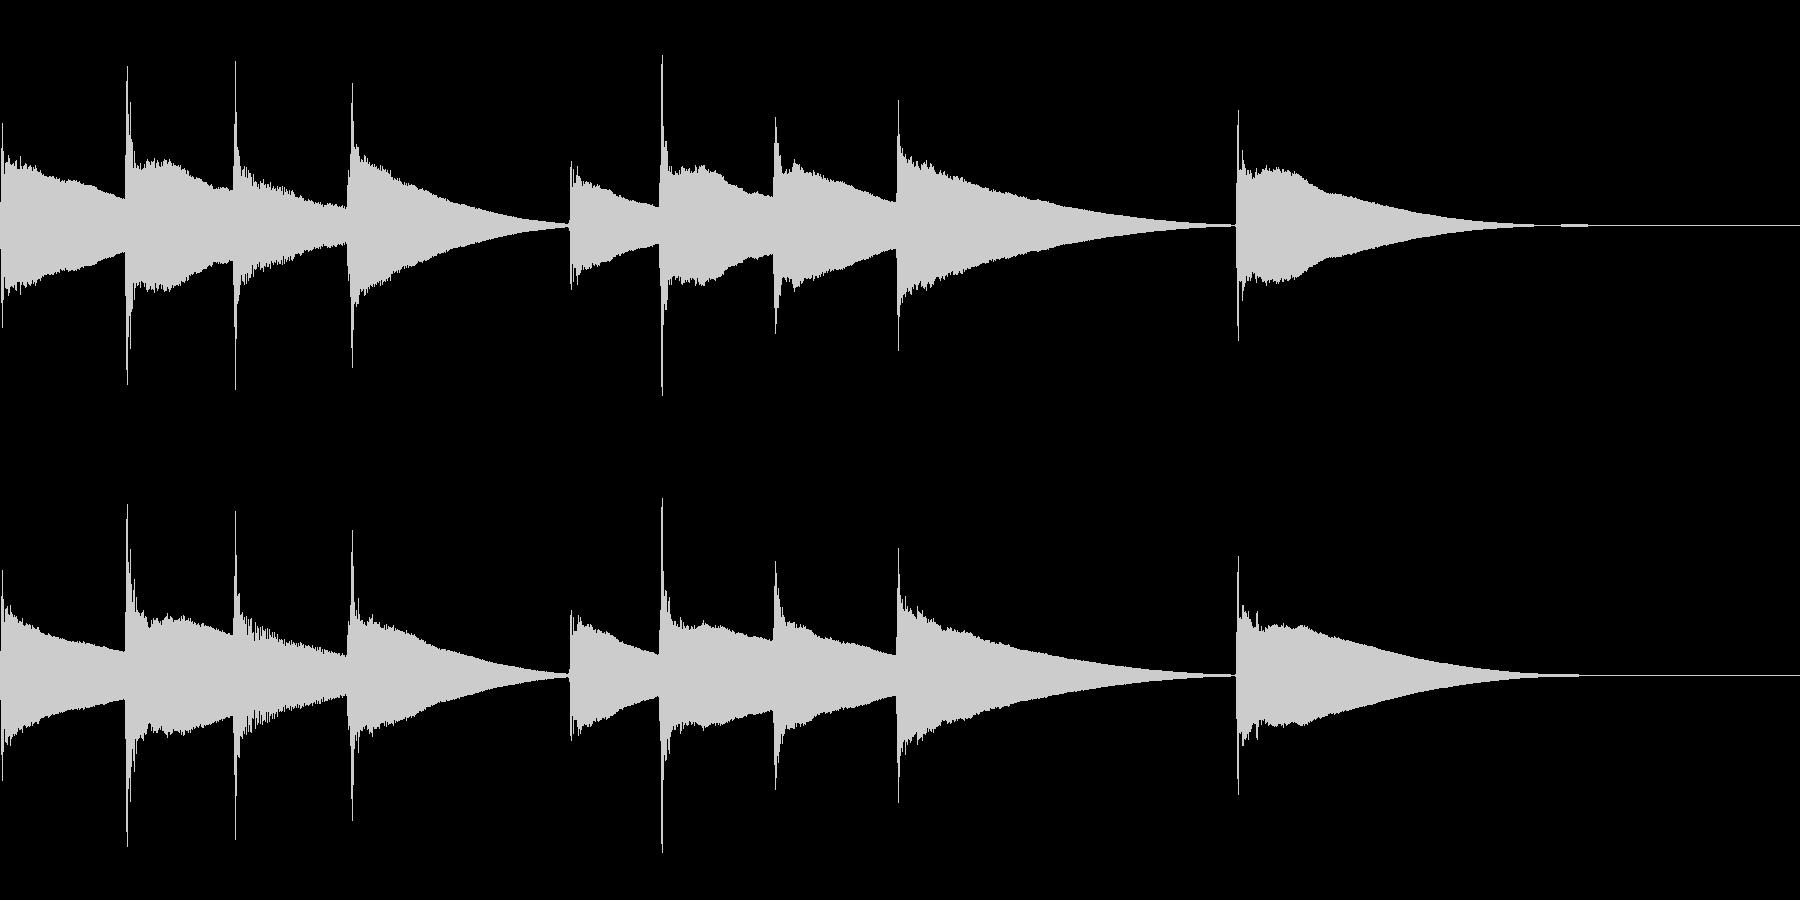 リズミカルな着信音の未再生の波形